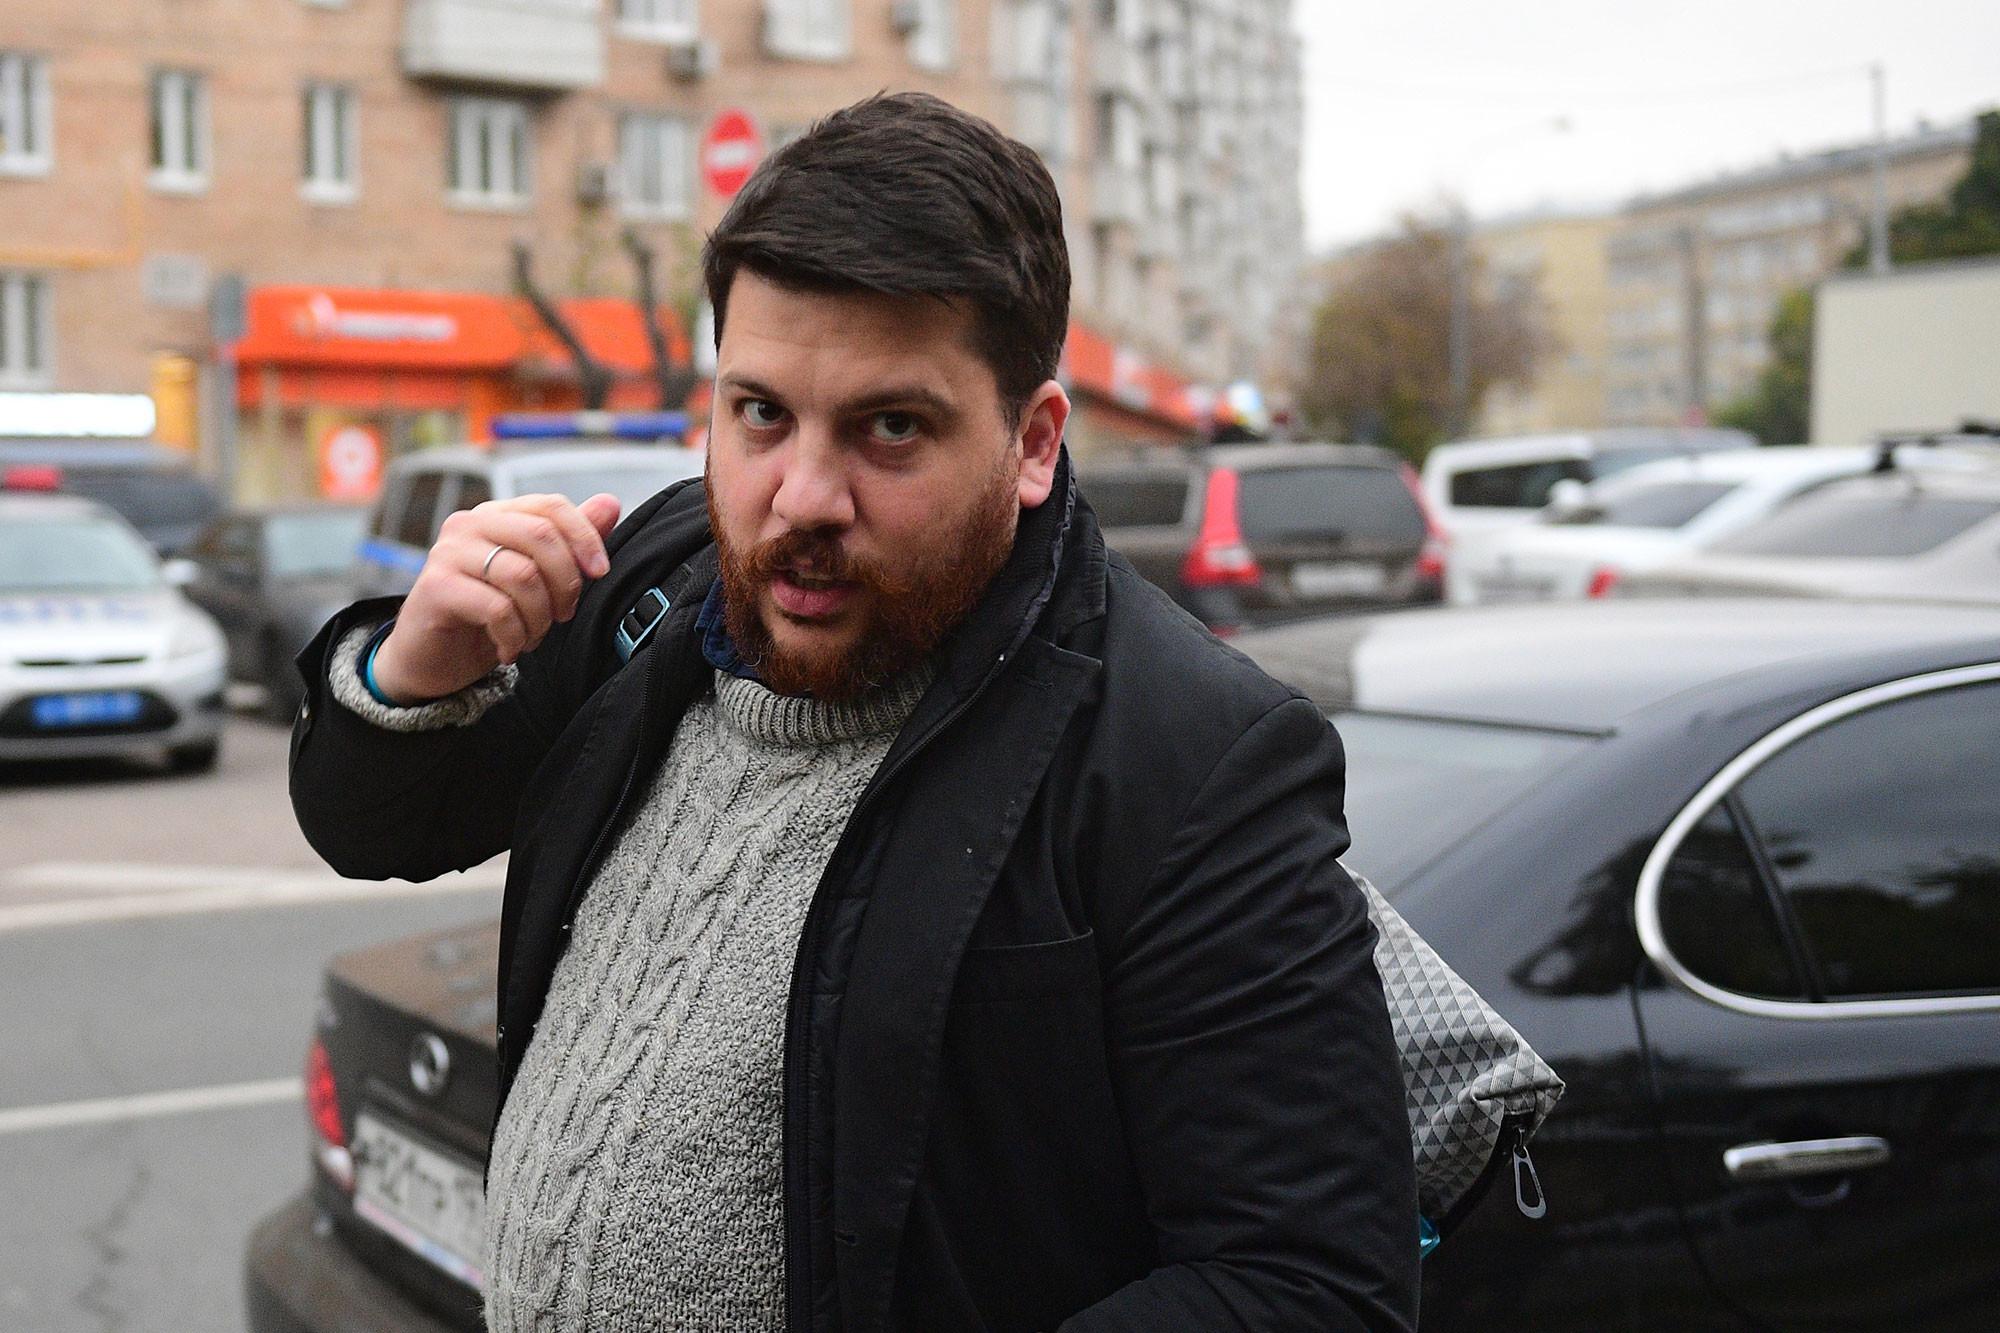 Начальник предвыборного штаба Леонид Волков. Фото: © РИА Новости / Евгений Одиноков